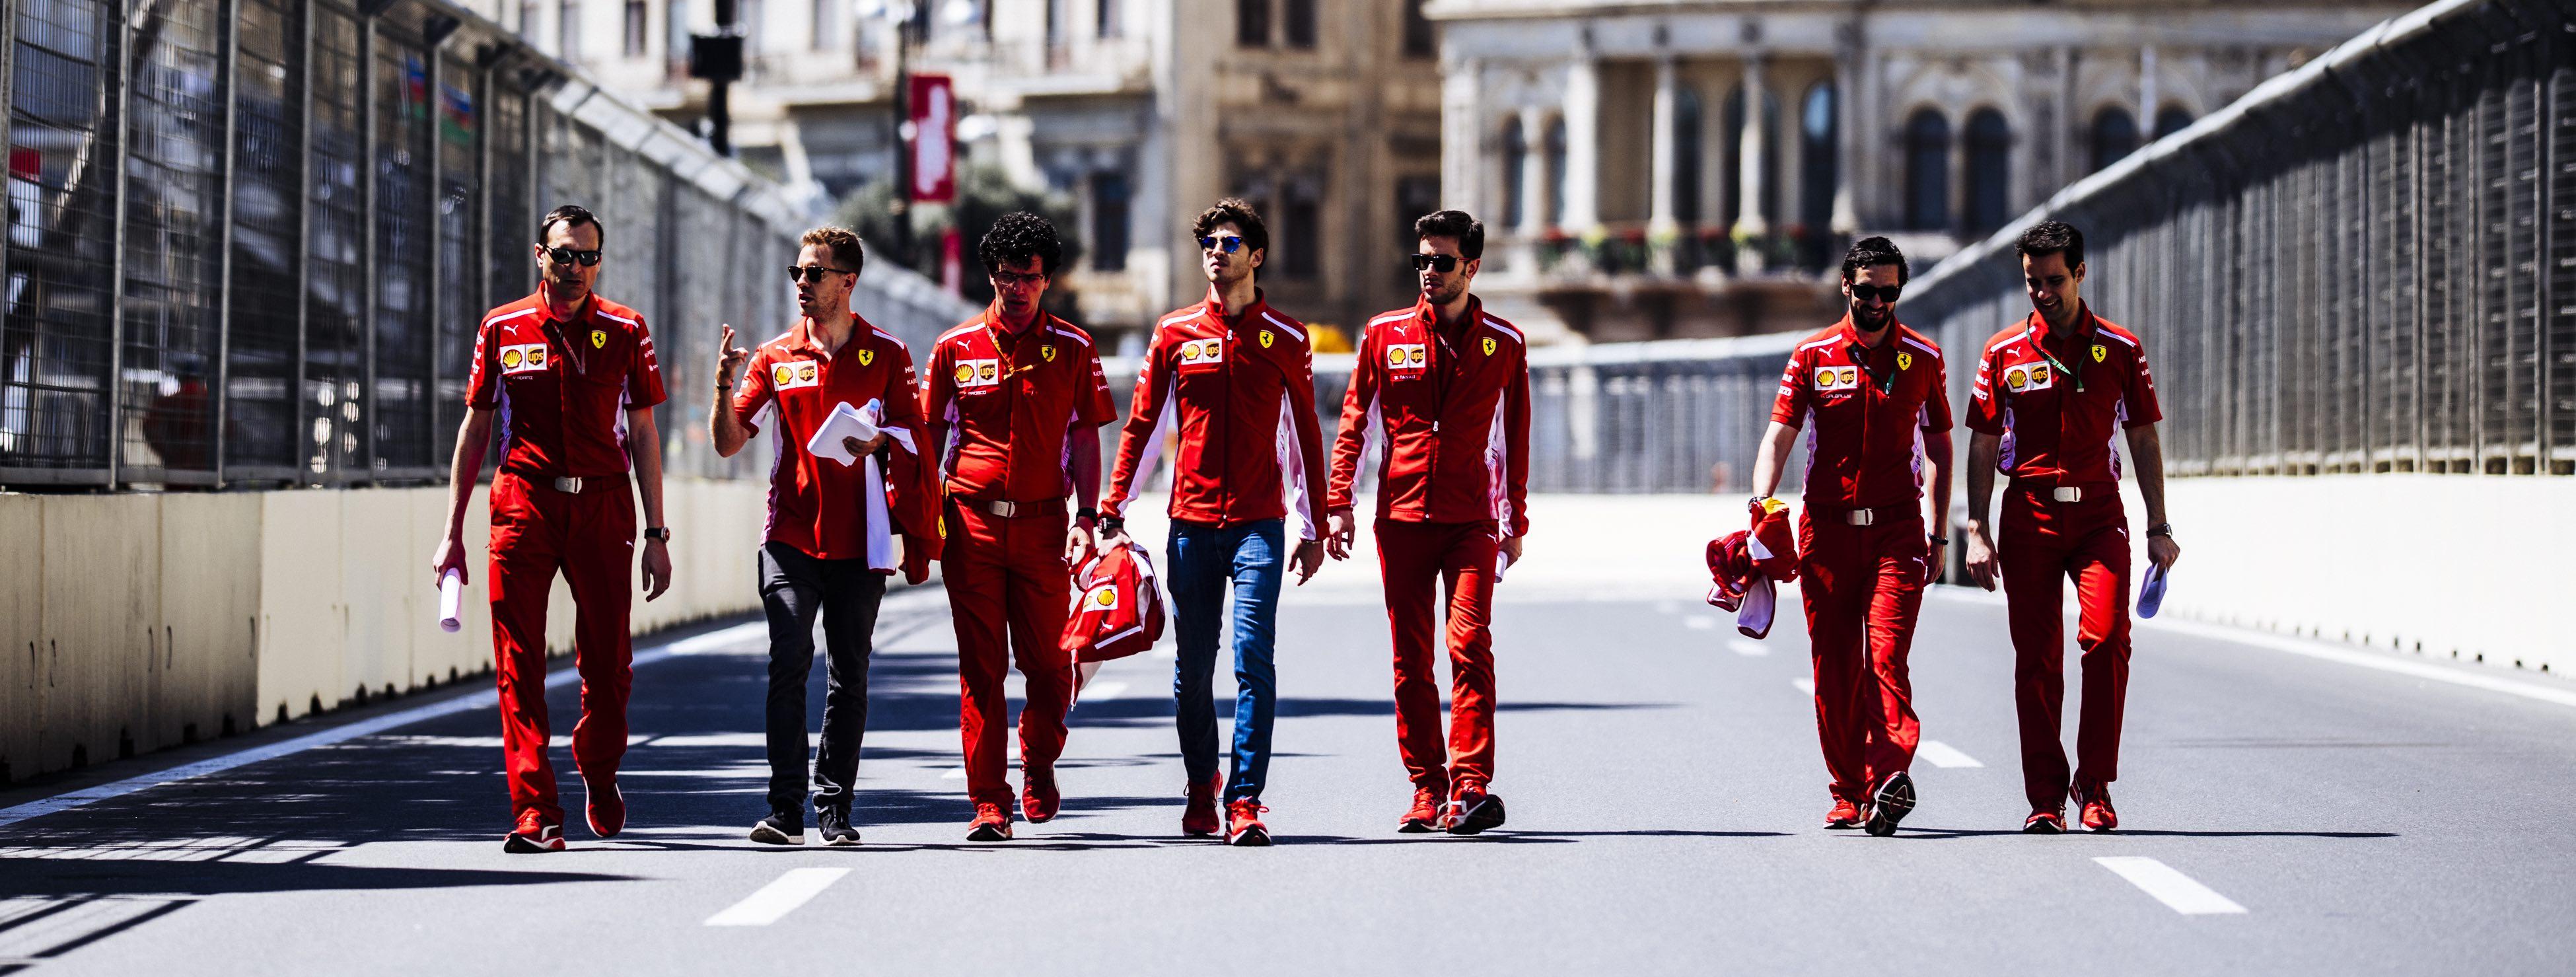 Reporte de Ferrari para el Gran Premio de Azerbaiyán 2018